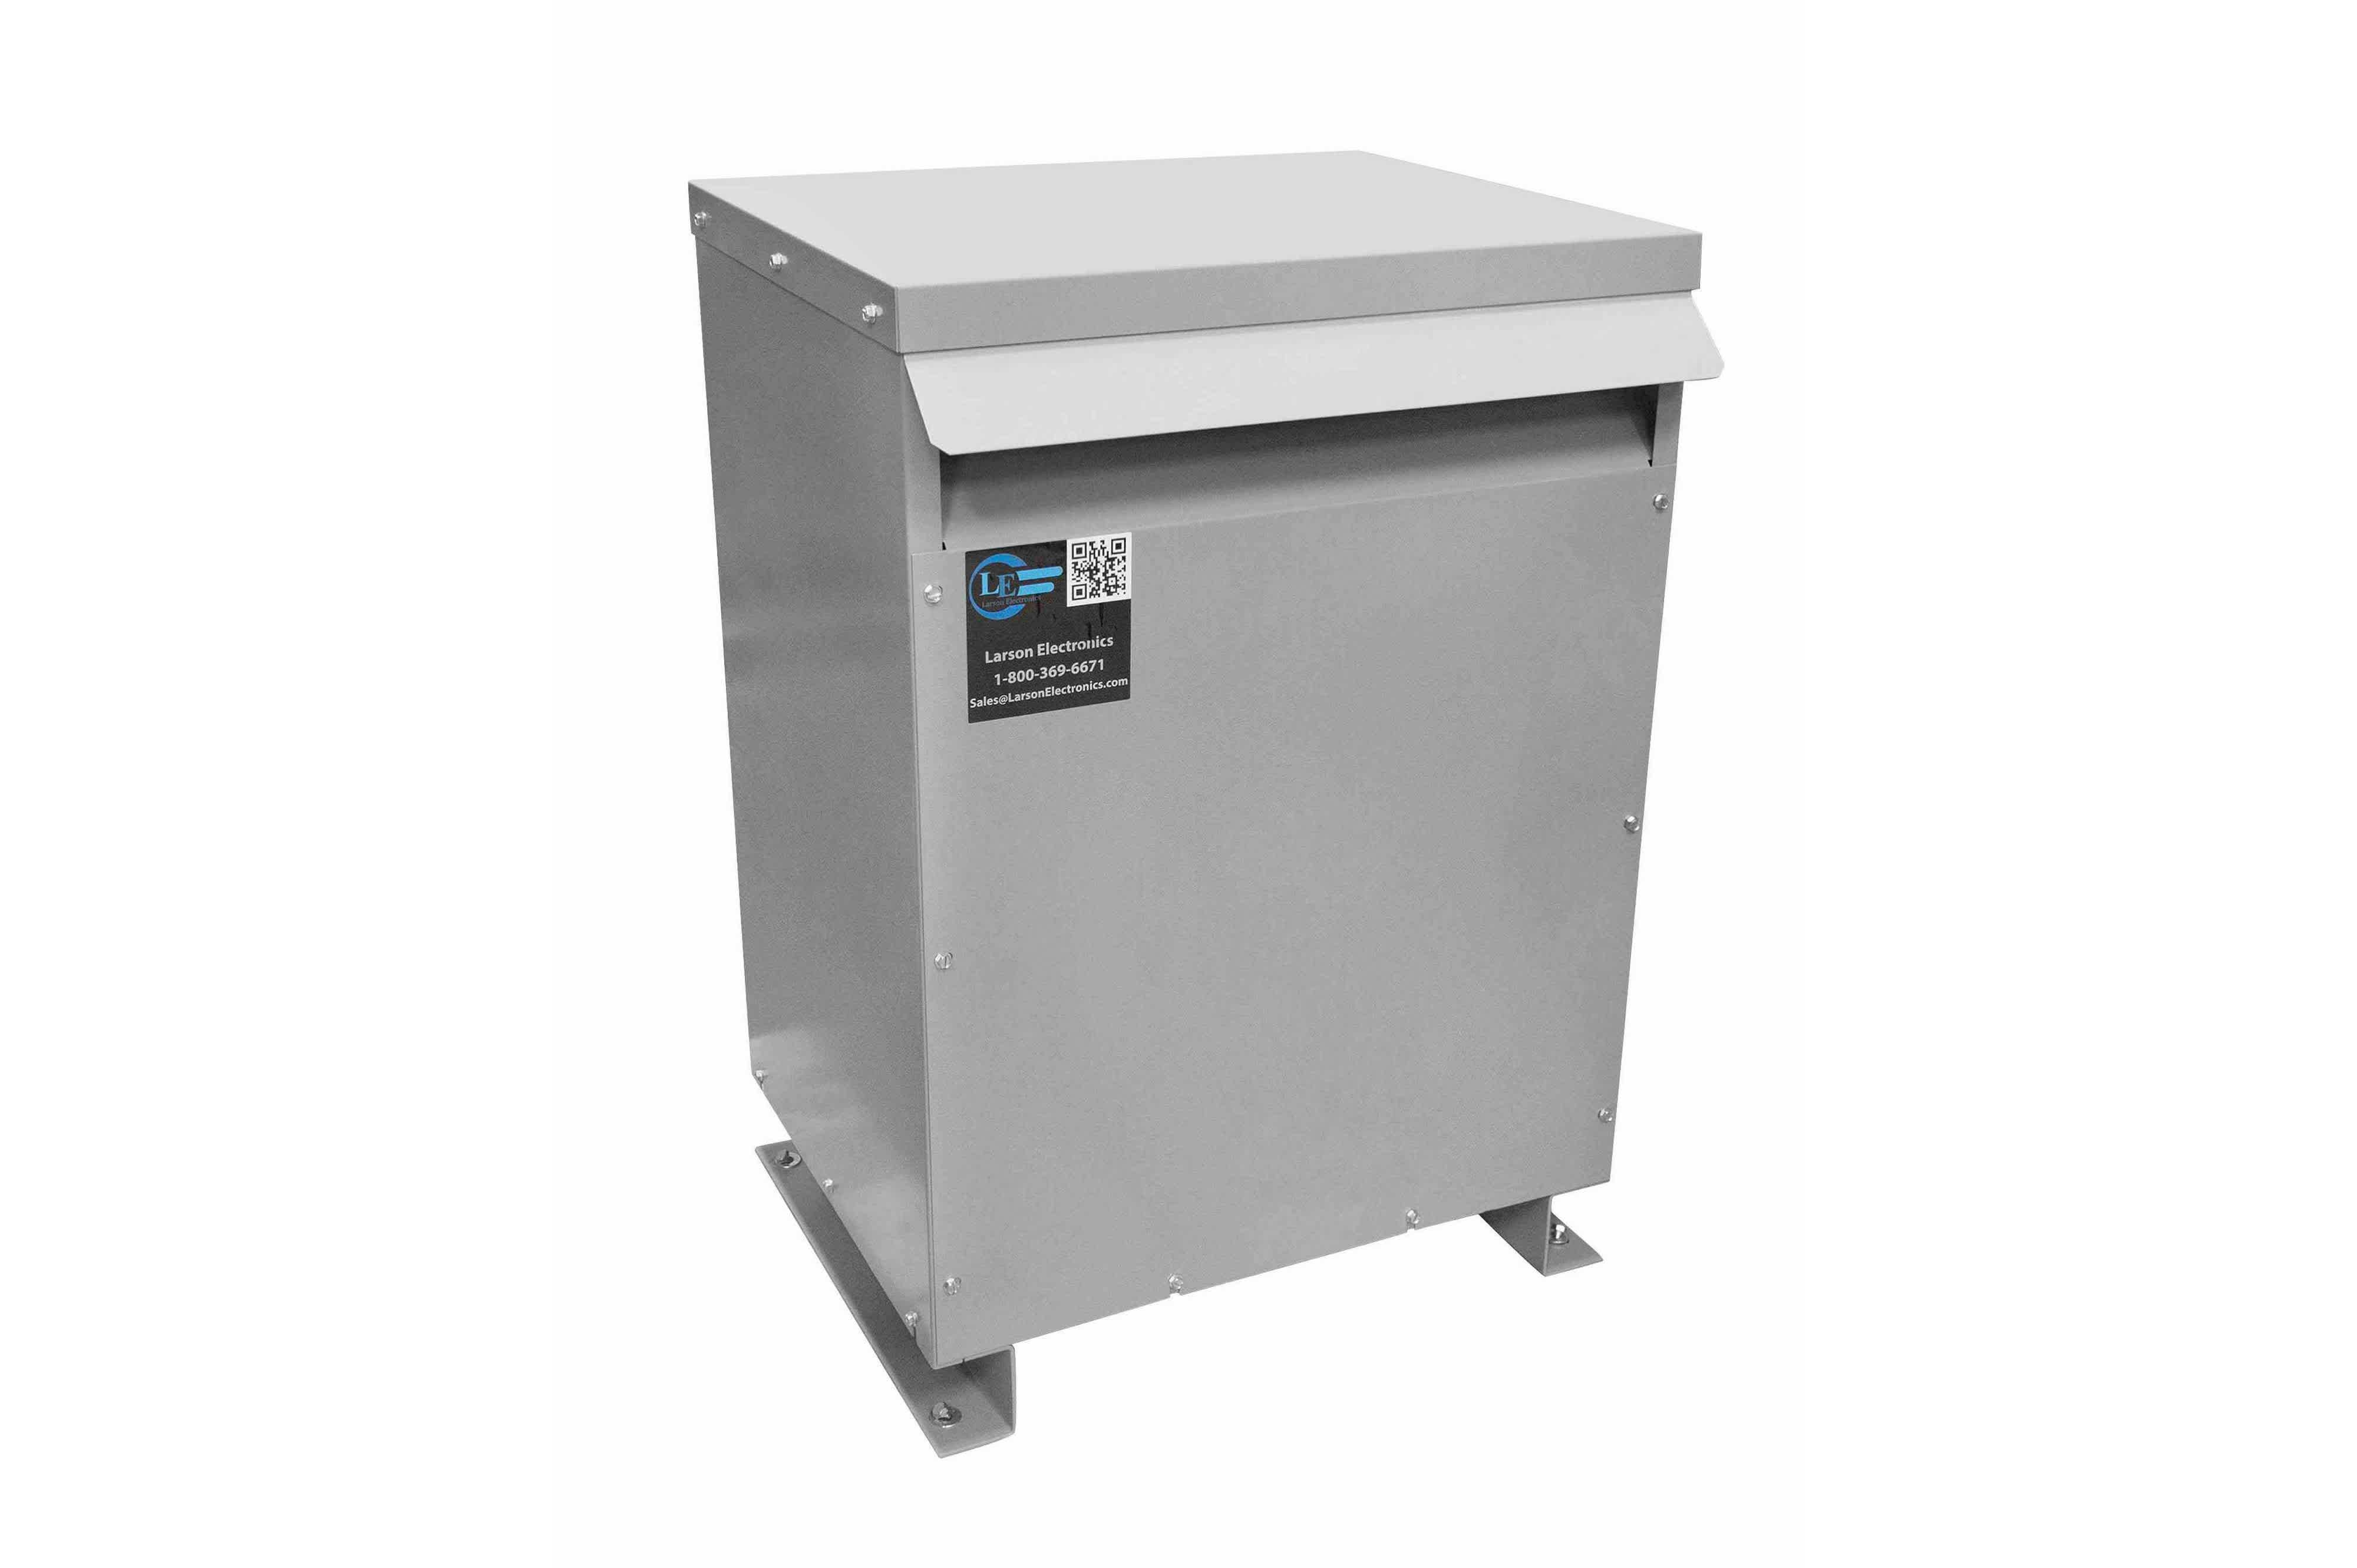 11 kVA 3PH Isolation Transformer, 600V Delta Primary, 380V Delta Secondary, N3R, Ventilated, 60 Hz